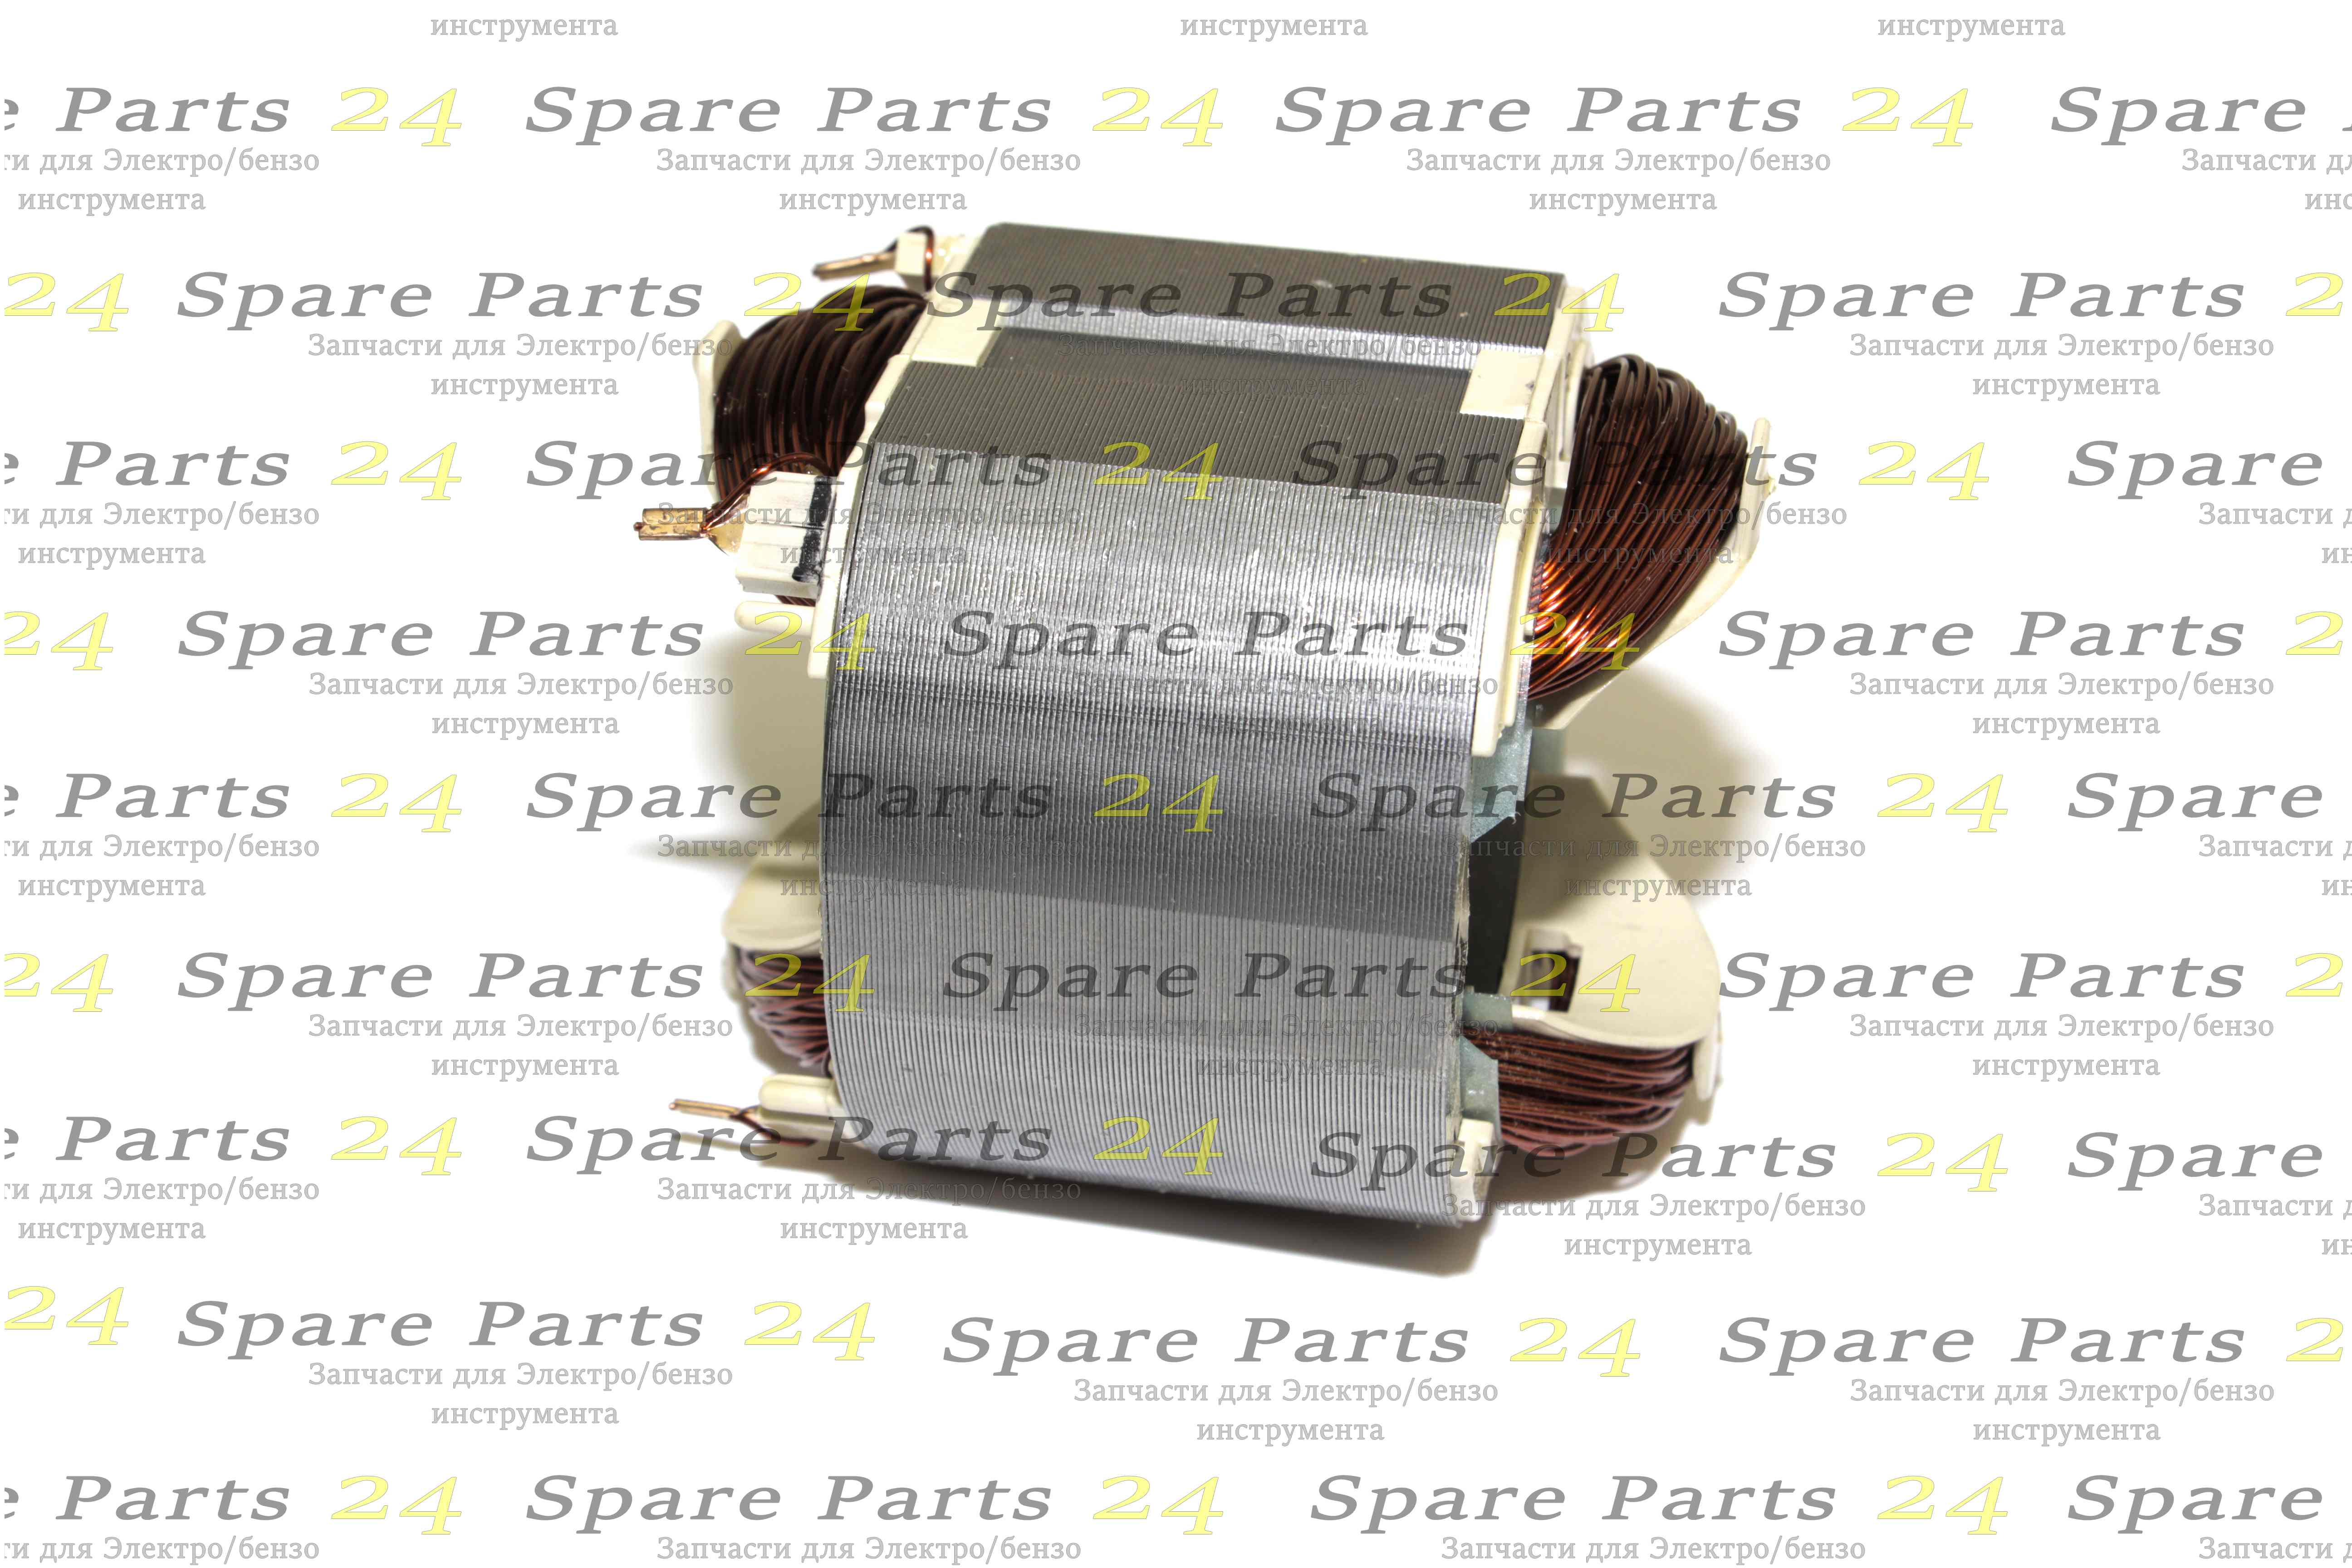 Статоры / Статор подходит для электрокосы КАЛИБР 1500Wt, STURM, Электроприбор без ответных шестерней